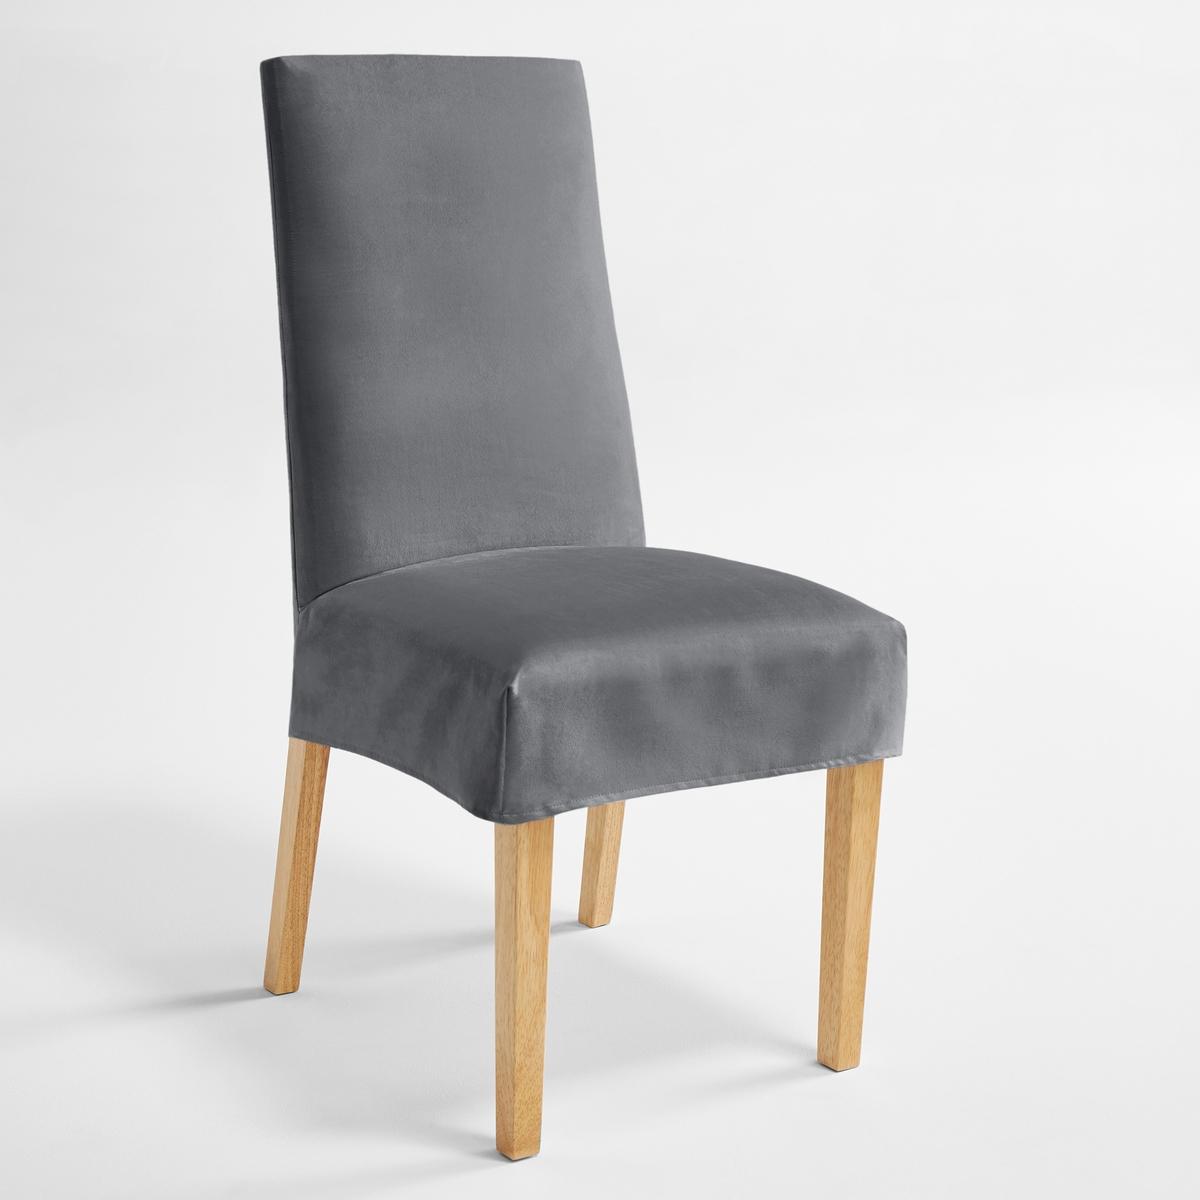 Чехол для стула из искусственной замши, KALAОписание:Чехол для стула из искусственной замши  KALA. Обновите Ваш интерьер! благодаря чехлу для стула из искусственной замши на ощупь из персиковой кожи!Характеристики чехла для стула KALA :-микрофибра из искусственной замши 100% полиэстерРазмеры чехла для стула из искусственной замши KALA :- Спинка : общая высота 55 см, толщина 5 см, ширина 35 см.- Сиденье : ширина 38 до 46 см x глубина 40 см.высота 45 см : 10 см.Рекомендации по уходу :Машинная стирка при 30°C<br><br>Цвет: серый